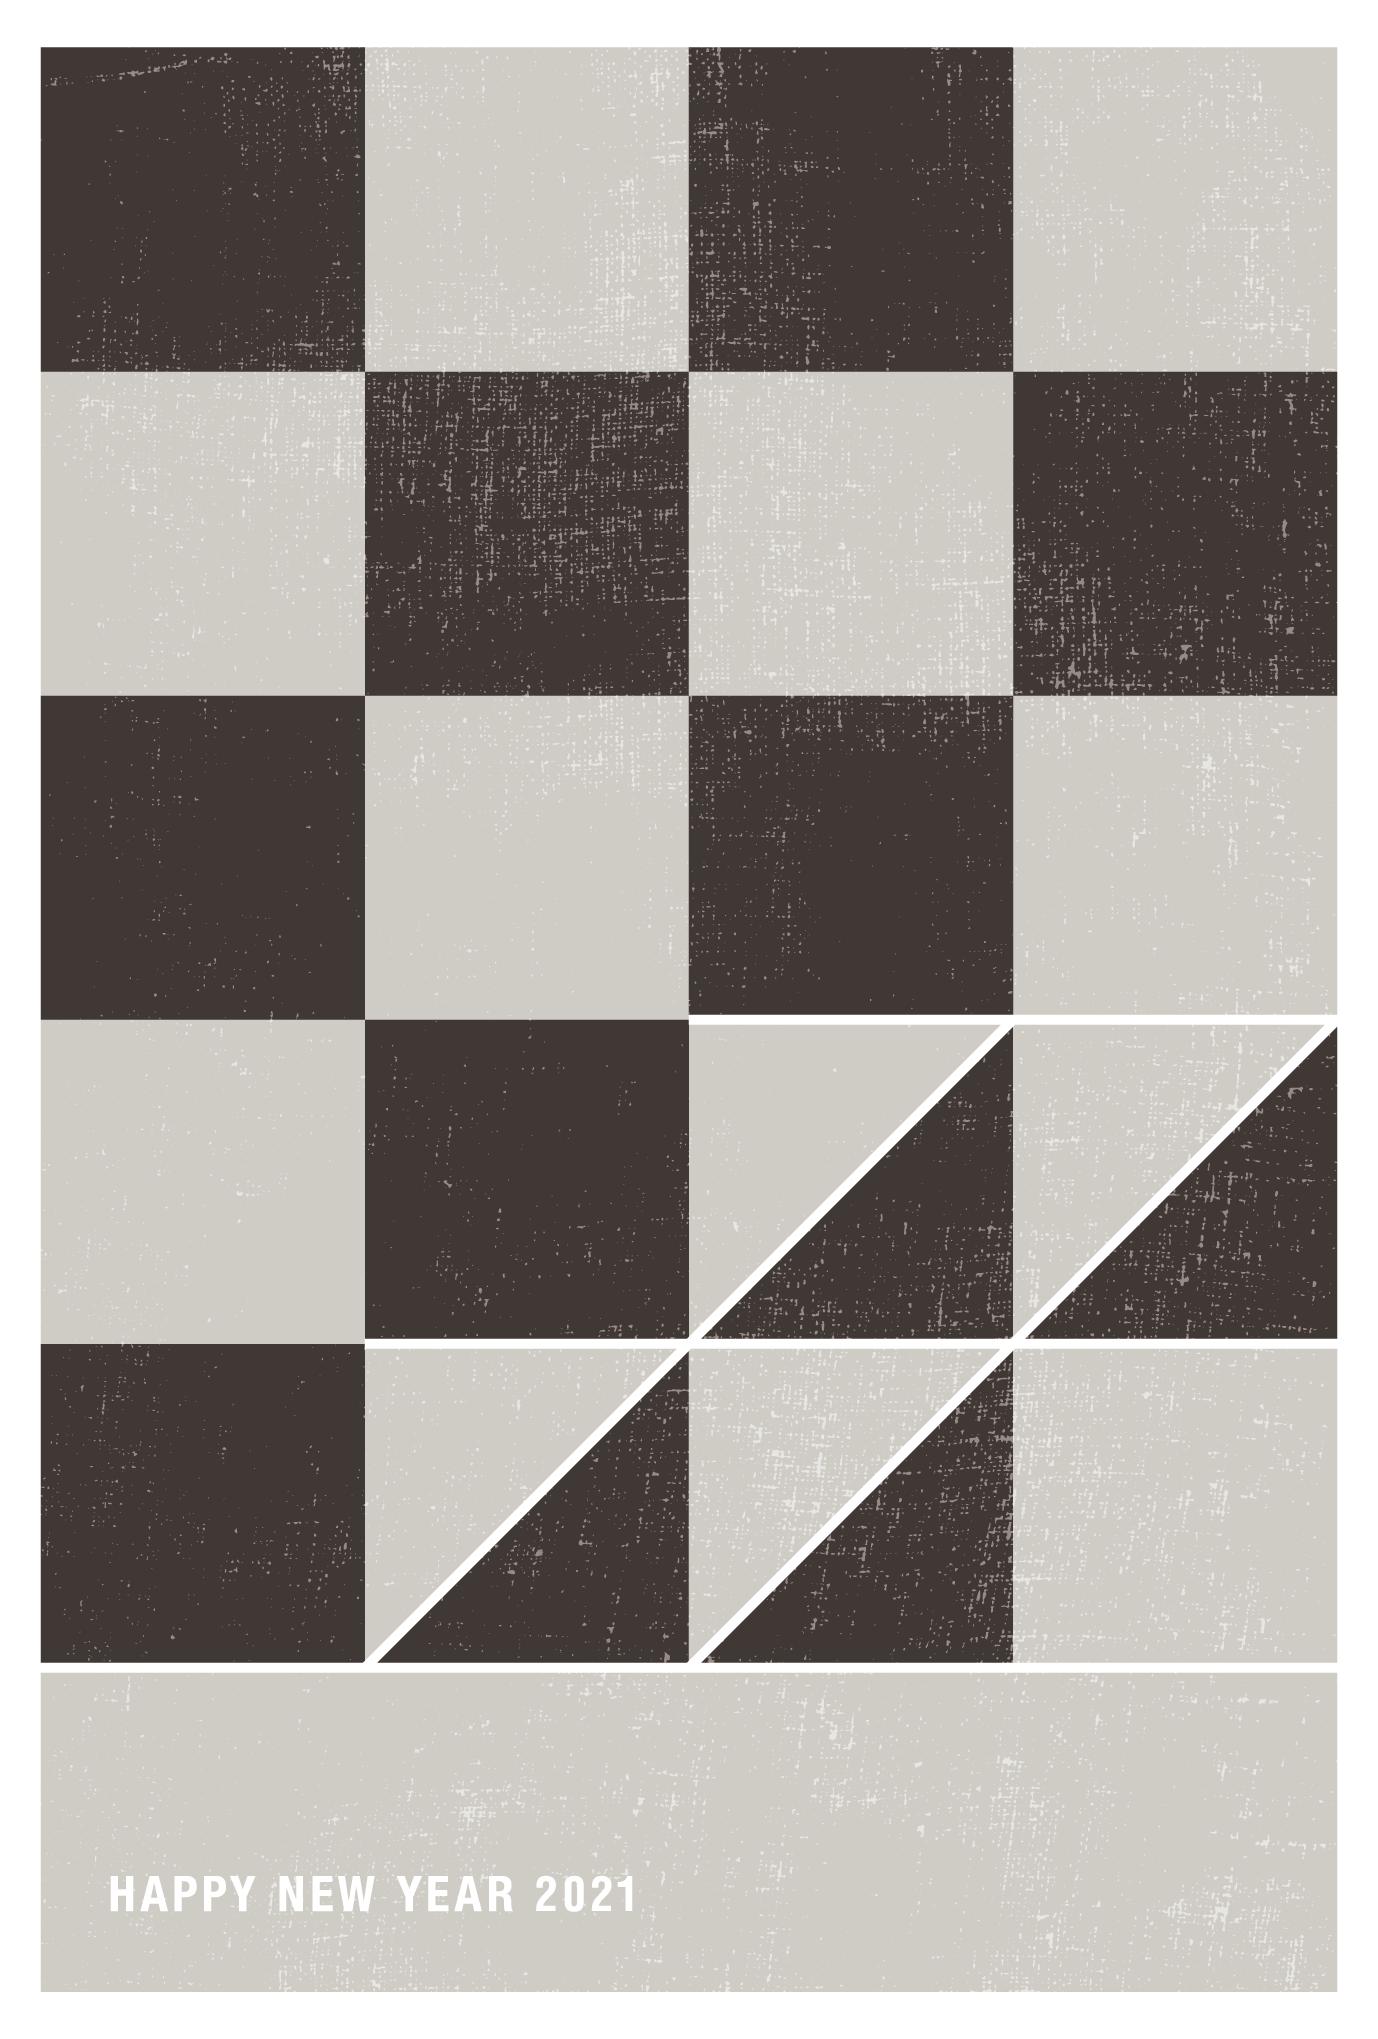 2021年賀状06-2:丑と市松模様(薄鈍)縦のダウンロード画像